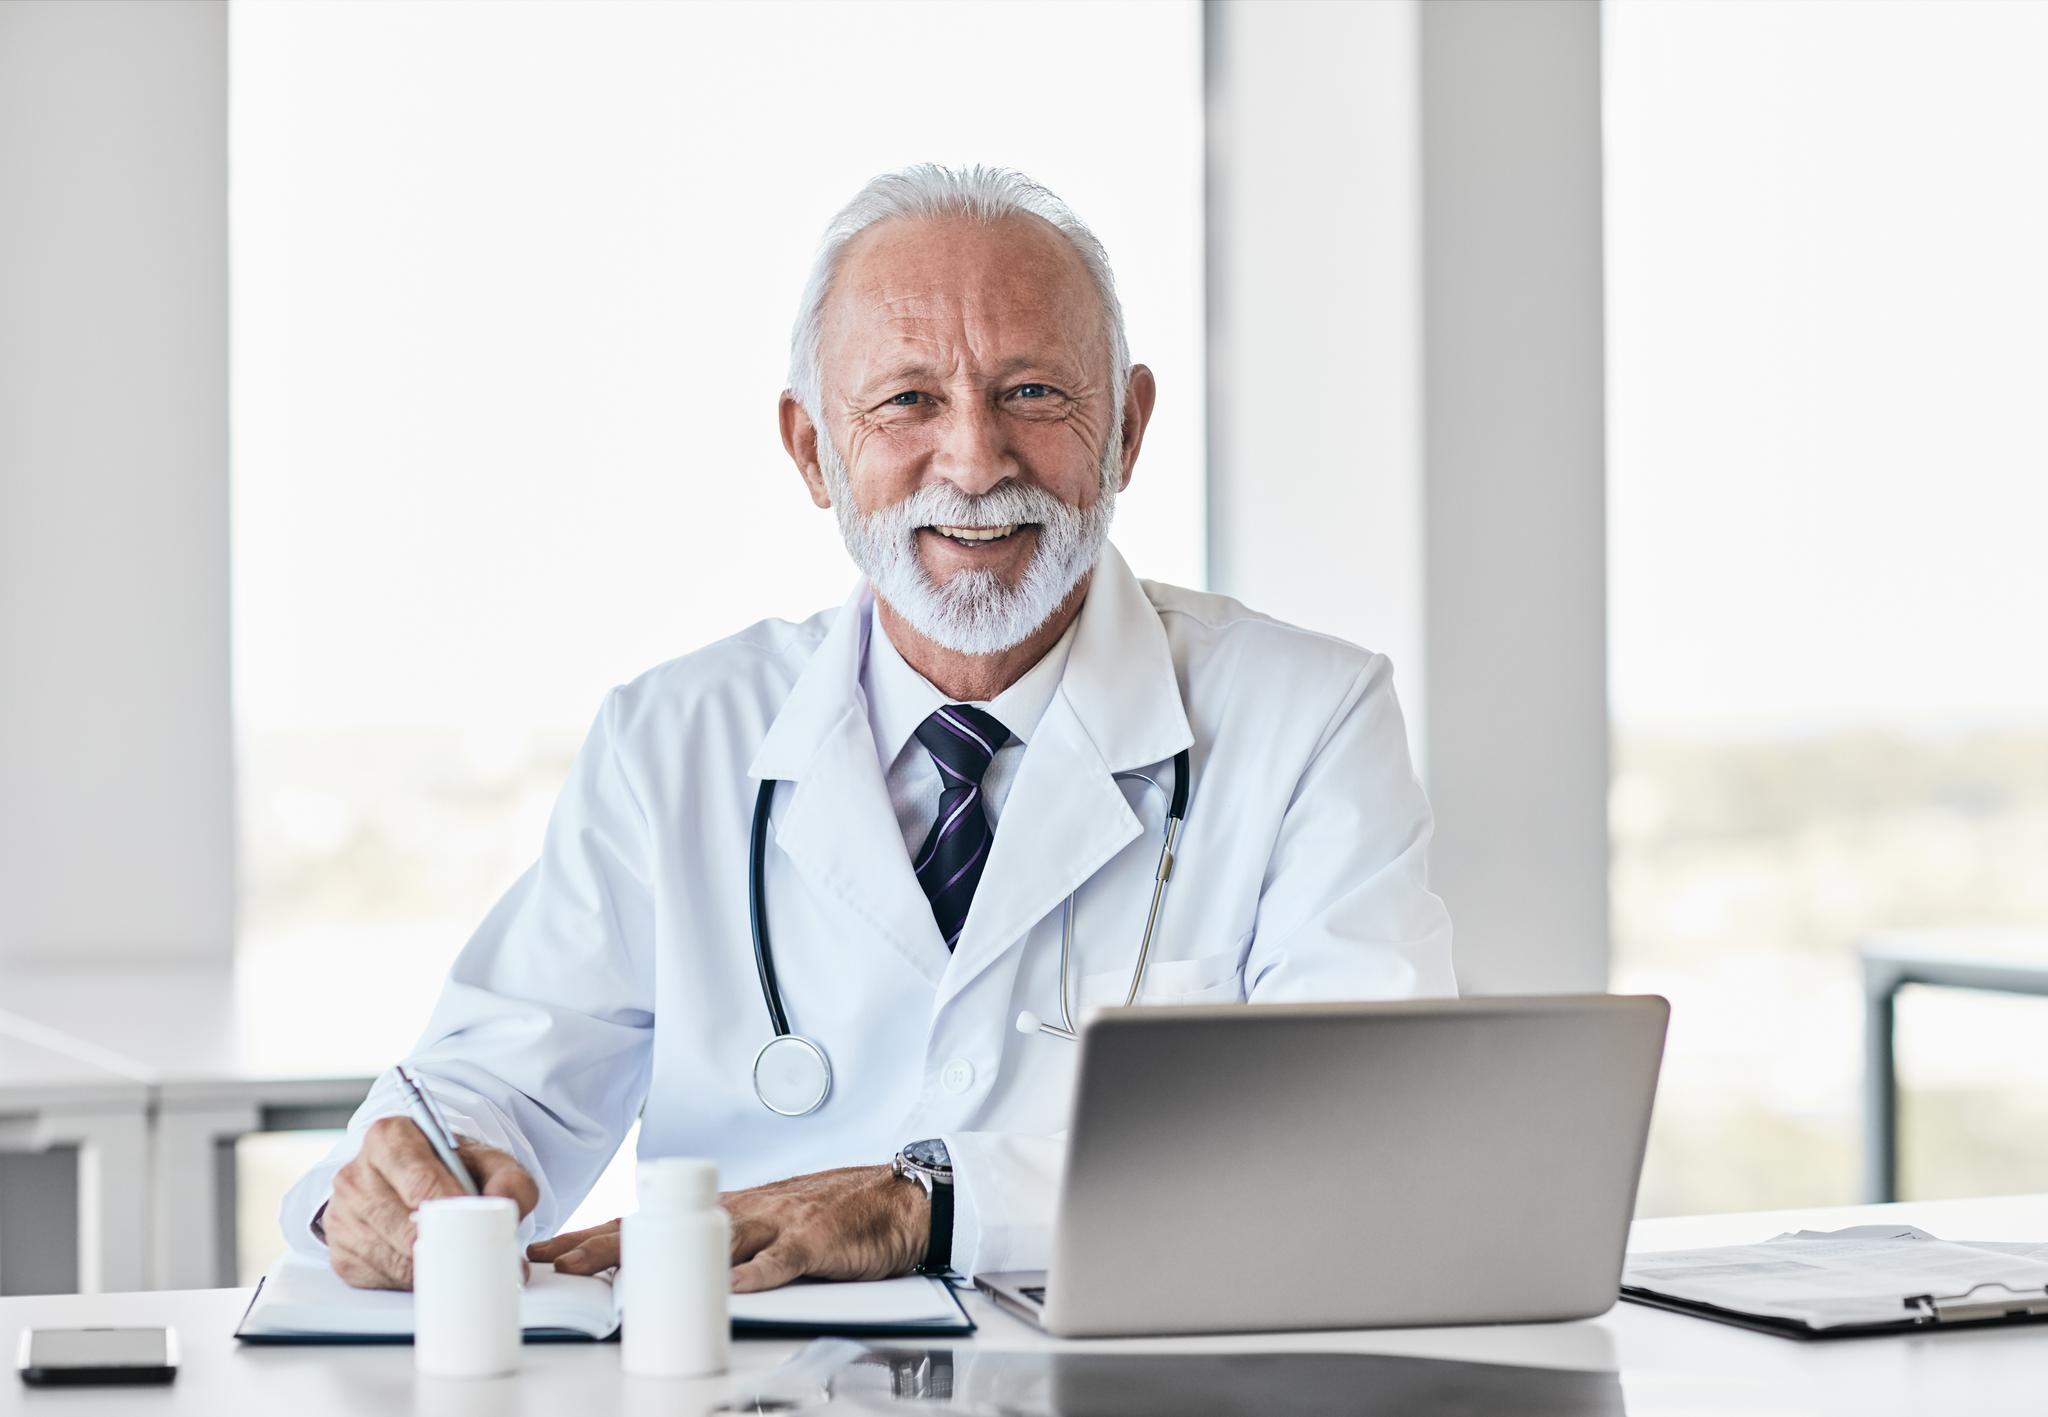 Lachender, älterer Arzt mit weißem Bart sitzt hinter einem Schreibtisch am aufgeklappten Laptop